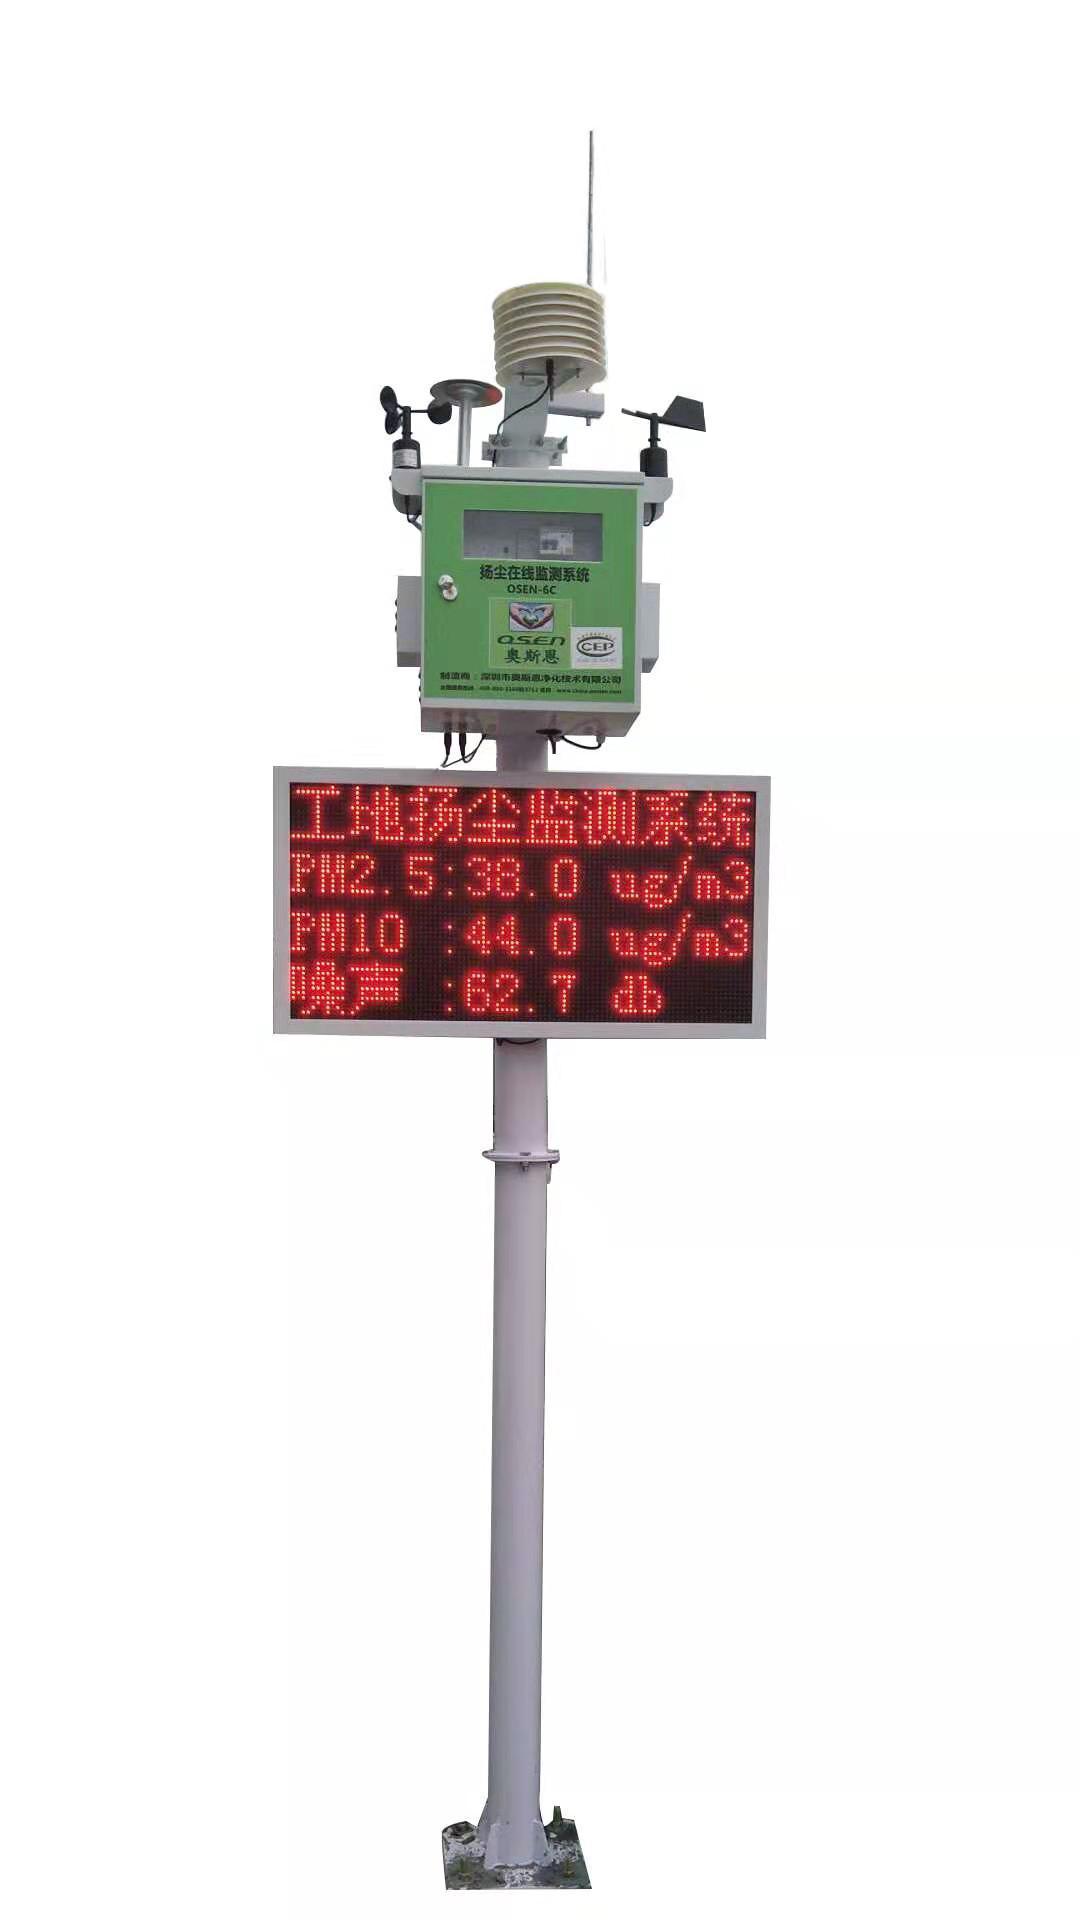 长春全新工地扬尘监测规格